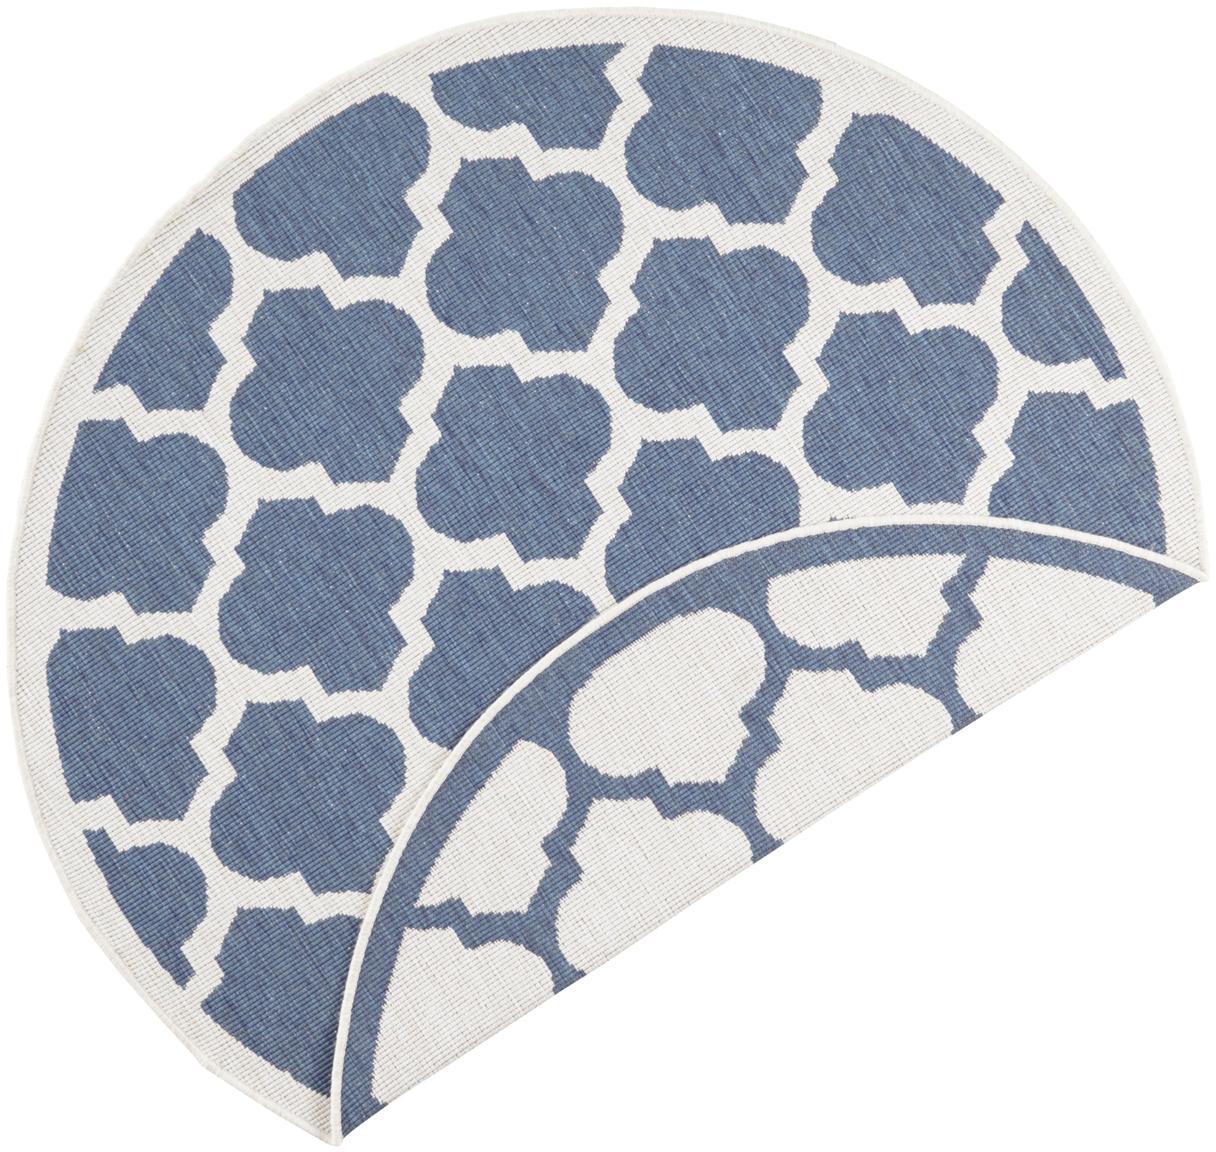 Runder In- & Outdoor-Wendeteppich Palermo in Blau/Creme, Blau, Creme, Ø 140 cm (Grösse M)